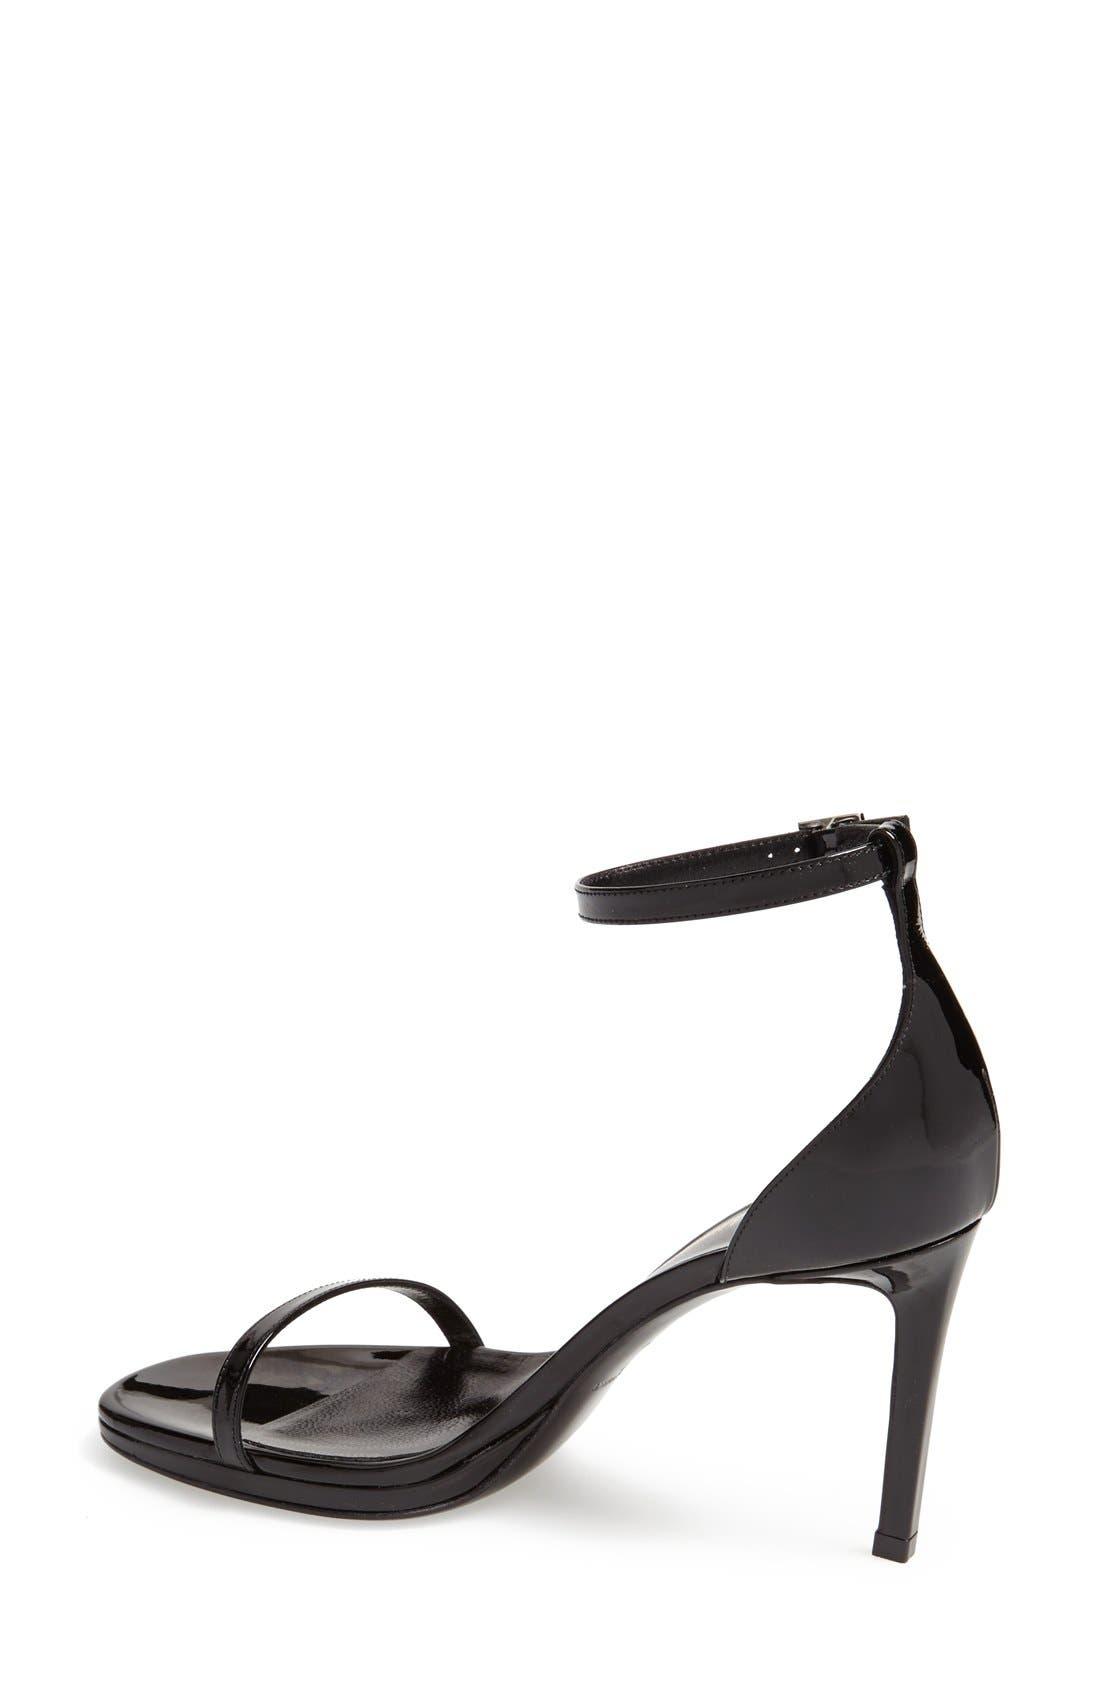 Alternate Image 2  - Saint Laurent 'Jane' Ankle Strap Sandal (Women)